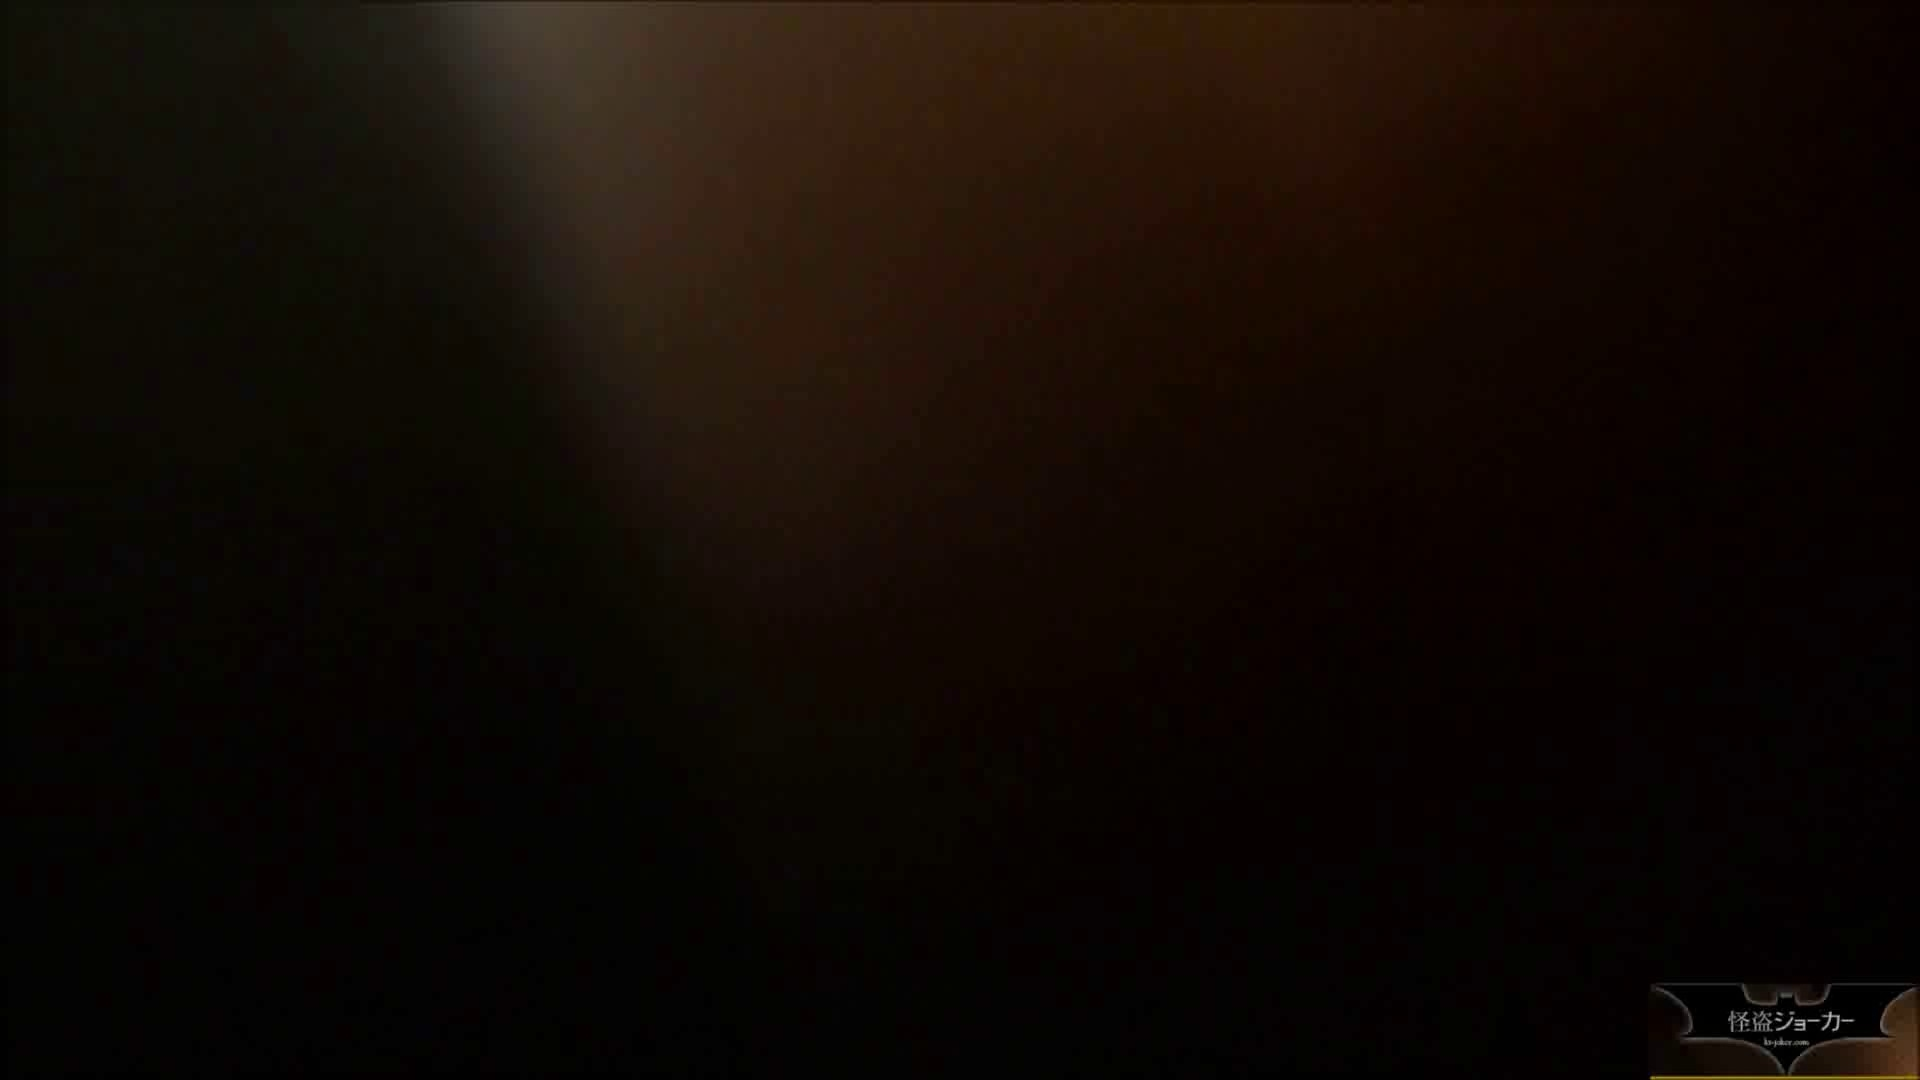 【未公開】vol.69{BLENDA系美女&黒ギャル}UA・Mちゃん2人とホテル 日焼けギャル おまんこ動画流出 85枚 7